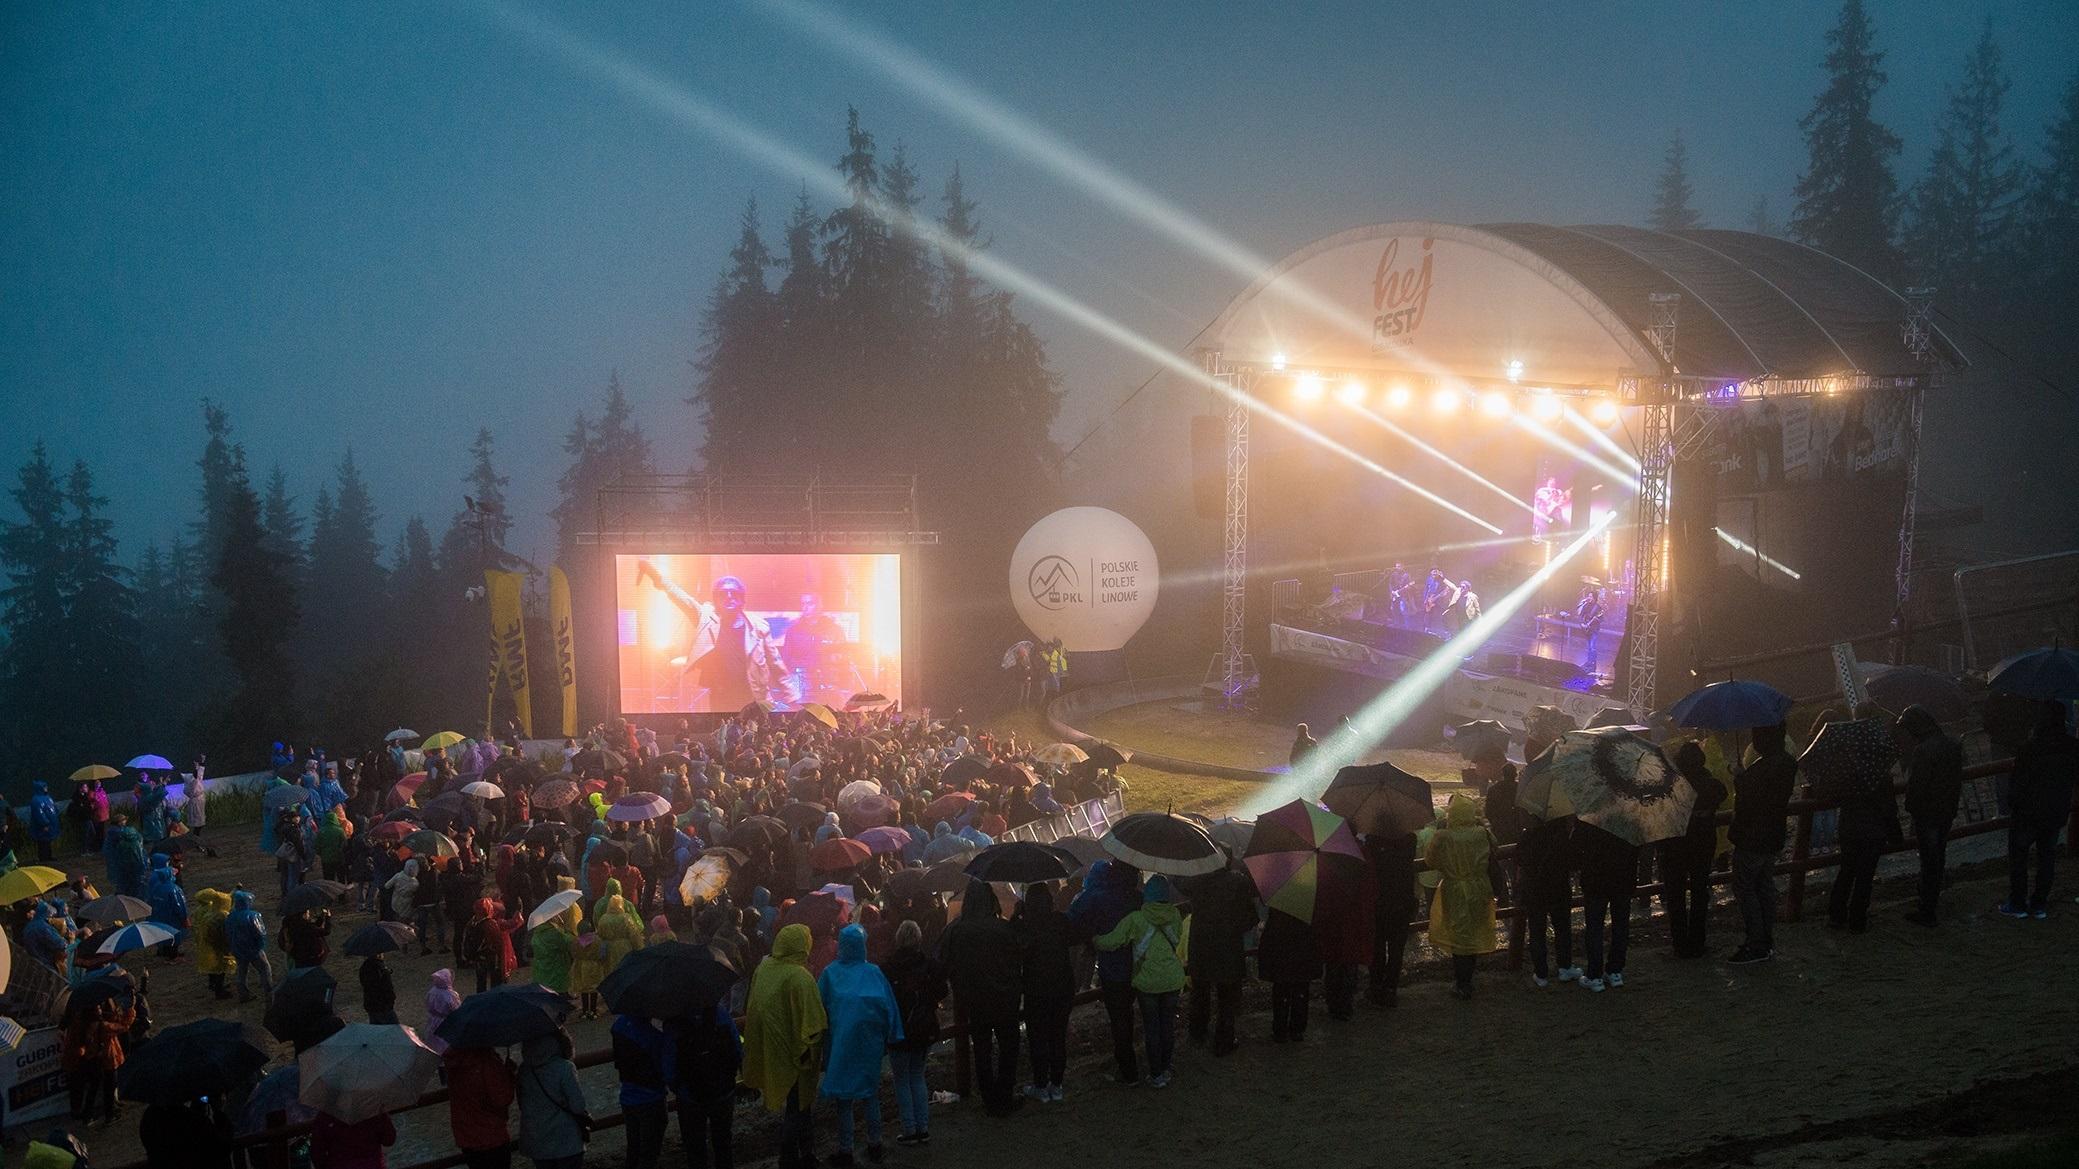 PKL_Hej Fest_Lady Pank_1_fot. Grzegorz Korzec.jpg